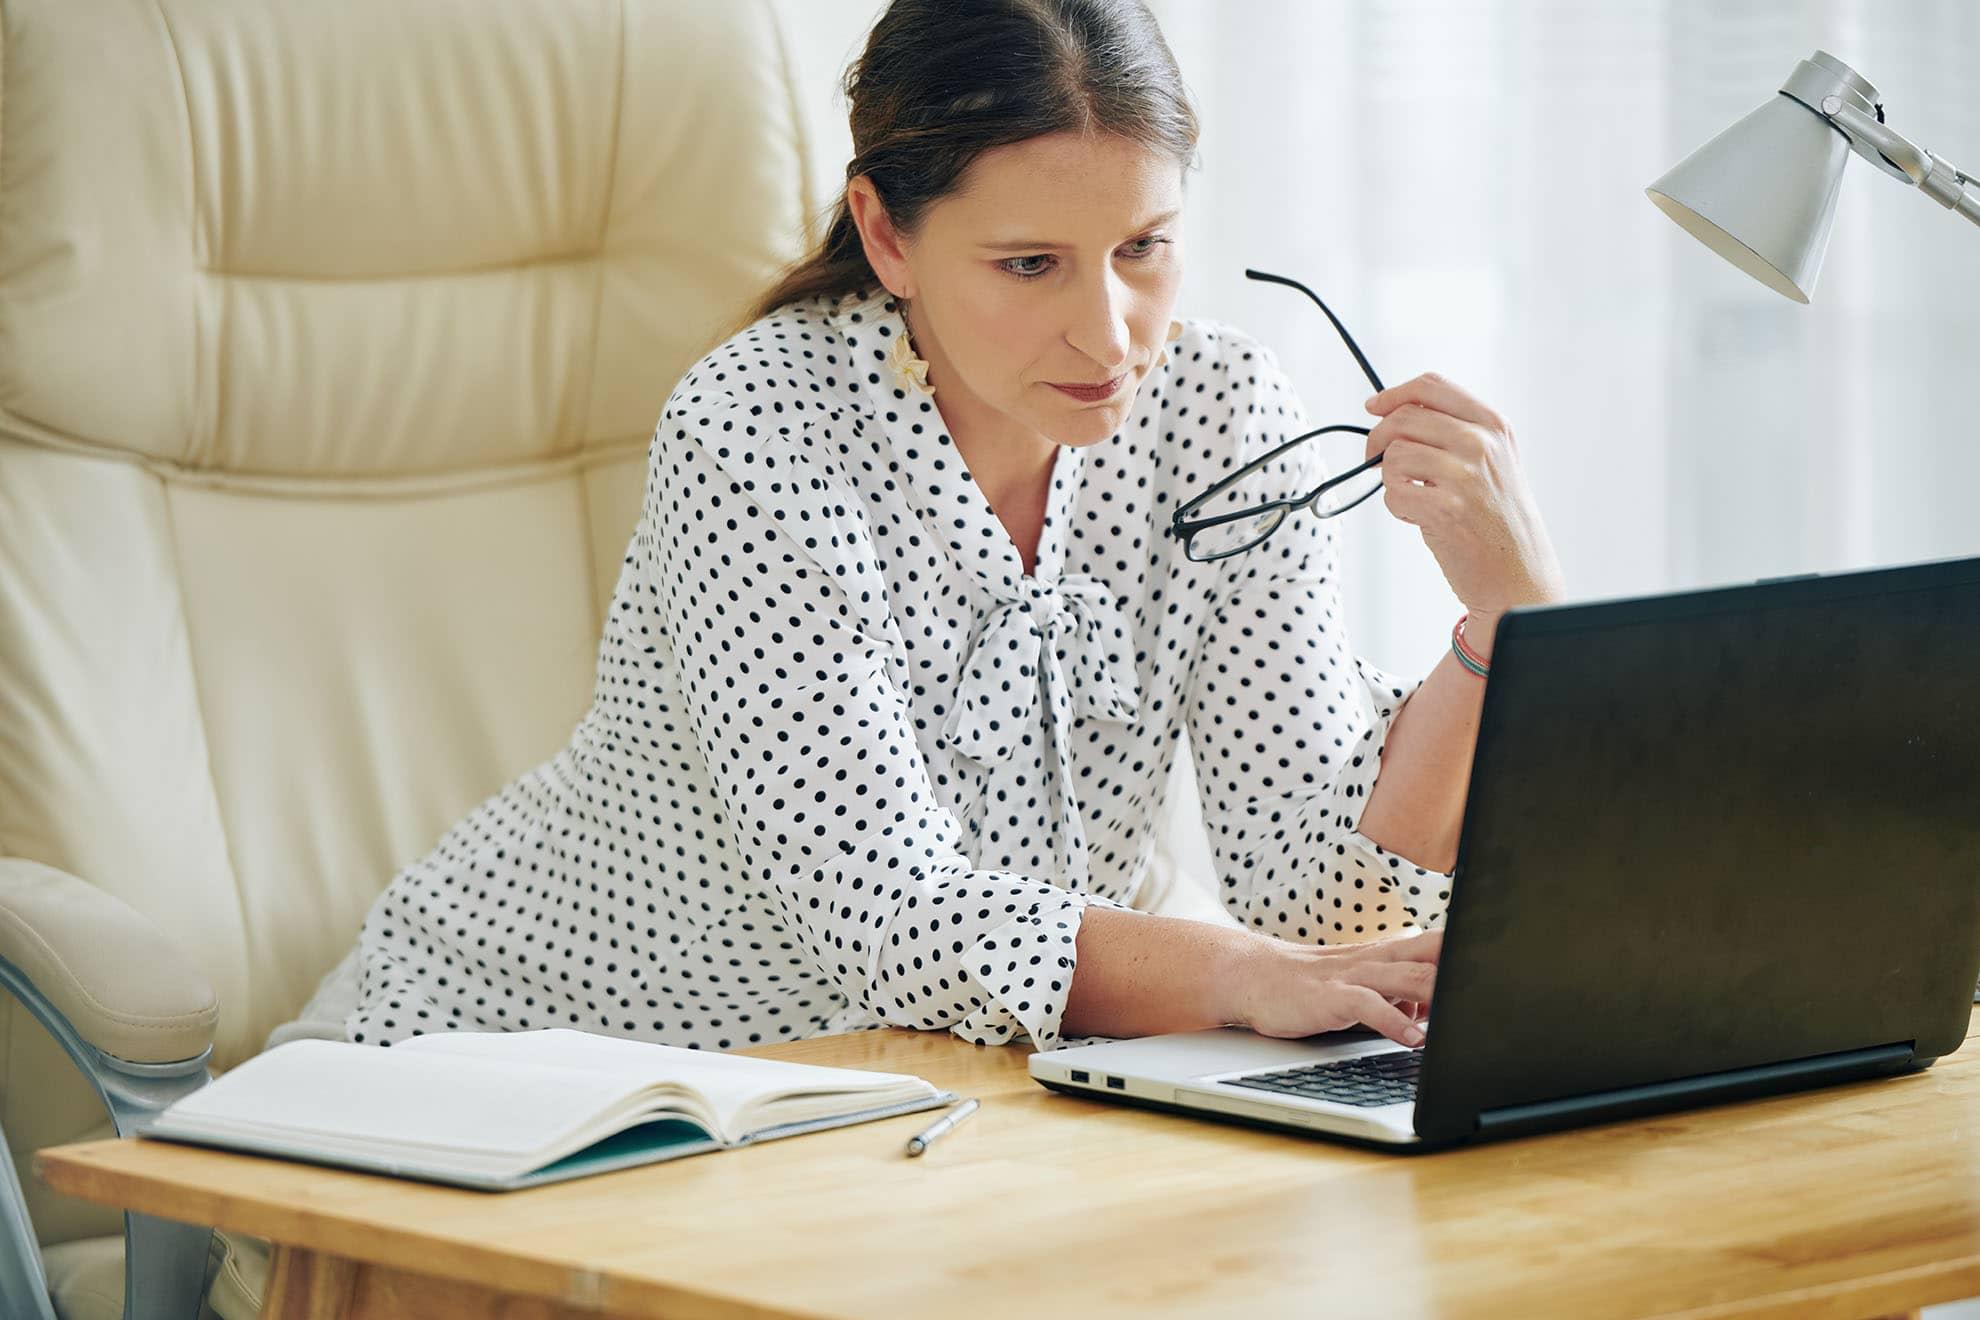 female-entrepreneur-filling-documents-online-57QNMLK-min